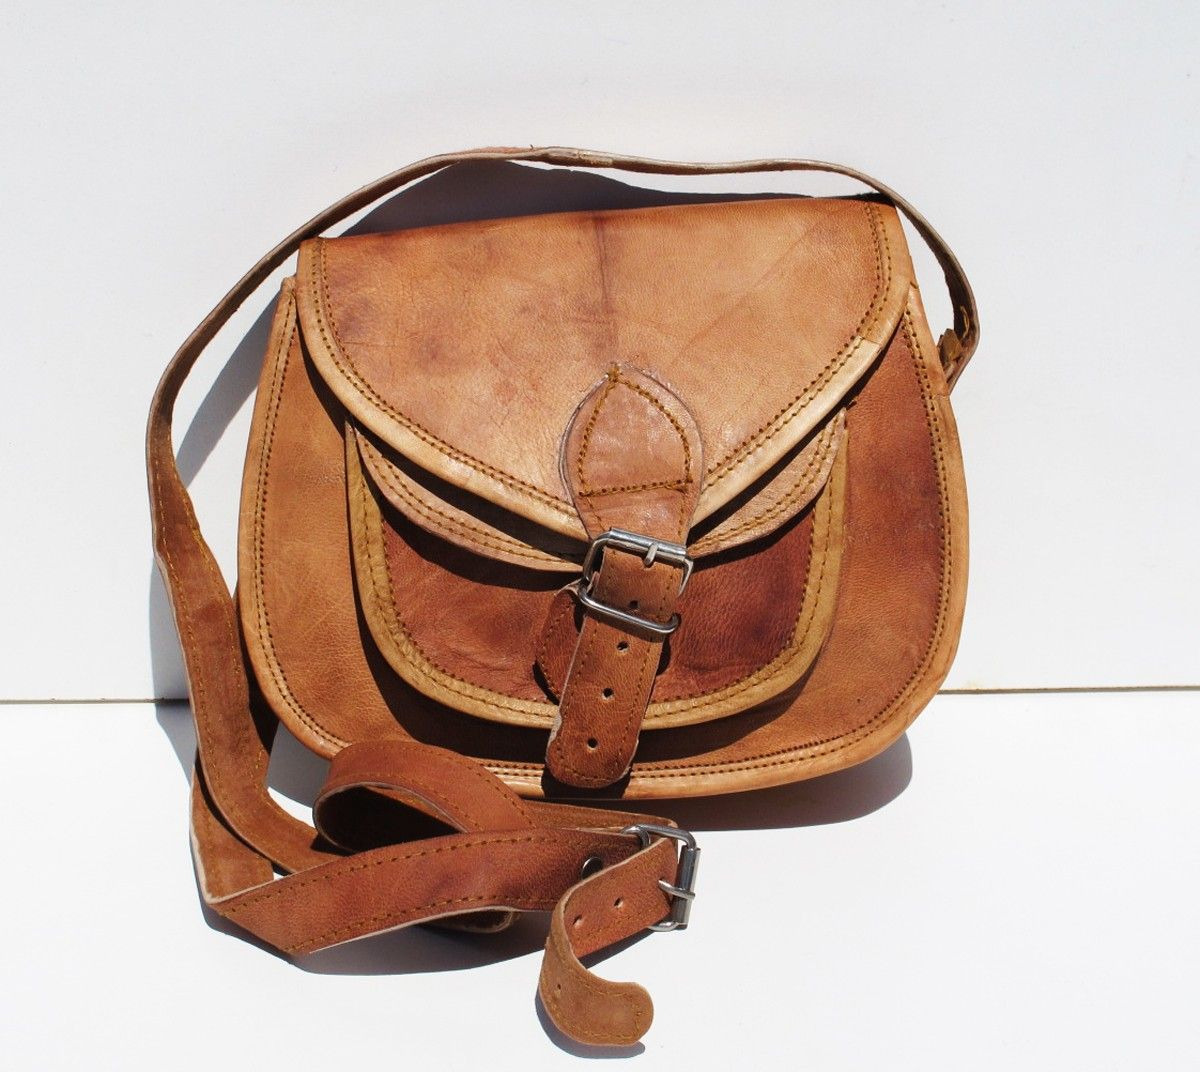 ce sac indien est un sac en cuir de chameau typique de la r gion de pushkar en inde il a une. Black Bedroom Furniture Sets. Home Design Ideas